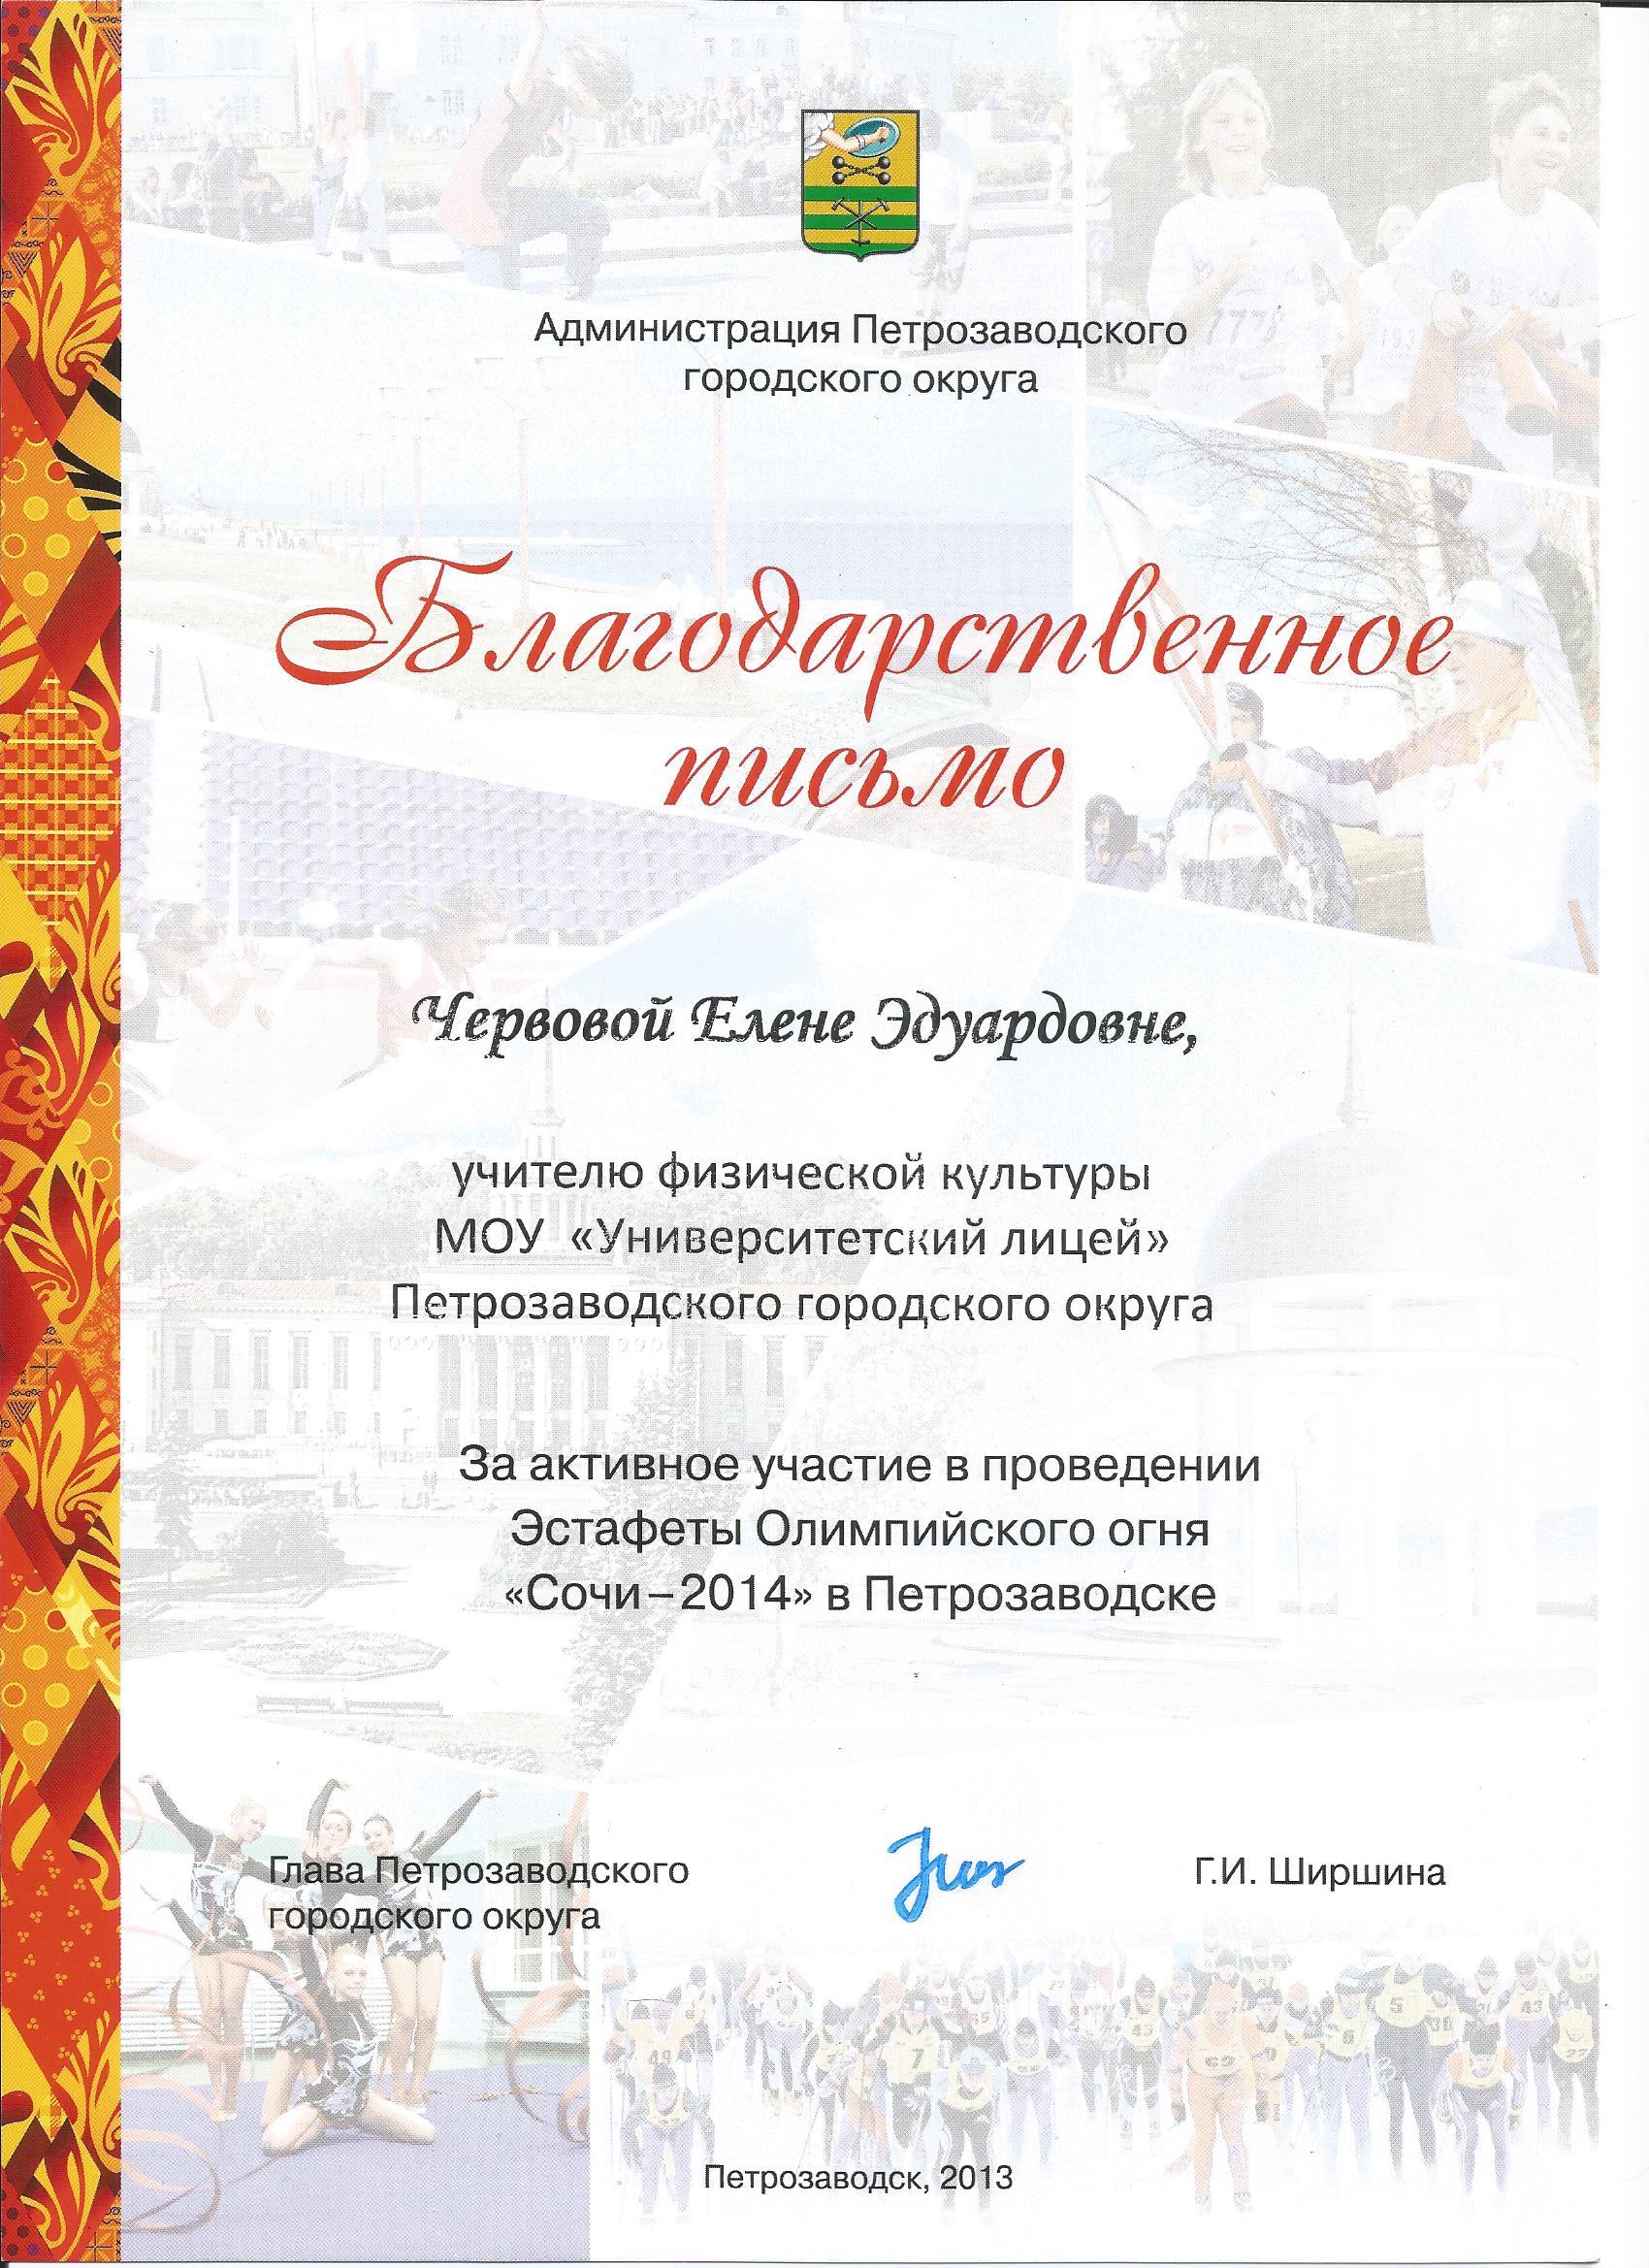 Эстафета олимпийского огня в петрозаводске 11 фотография